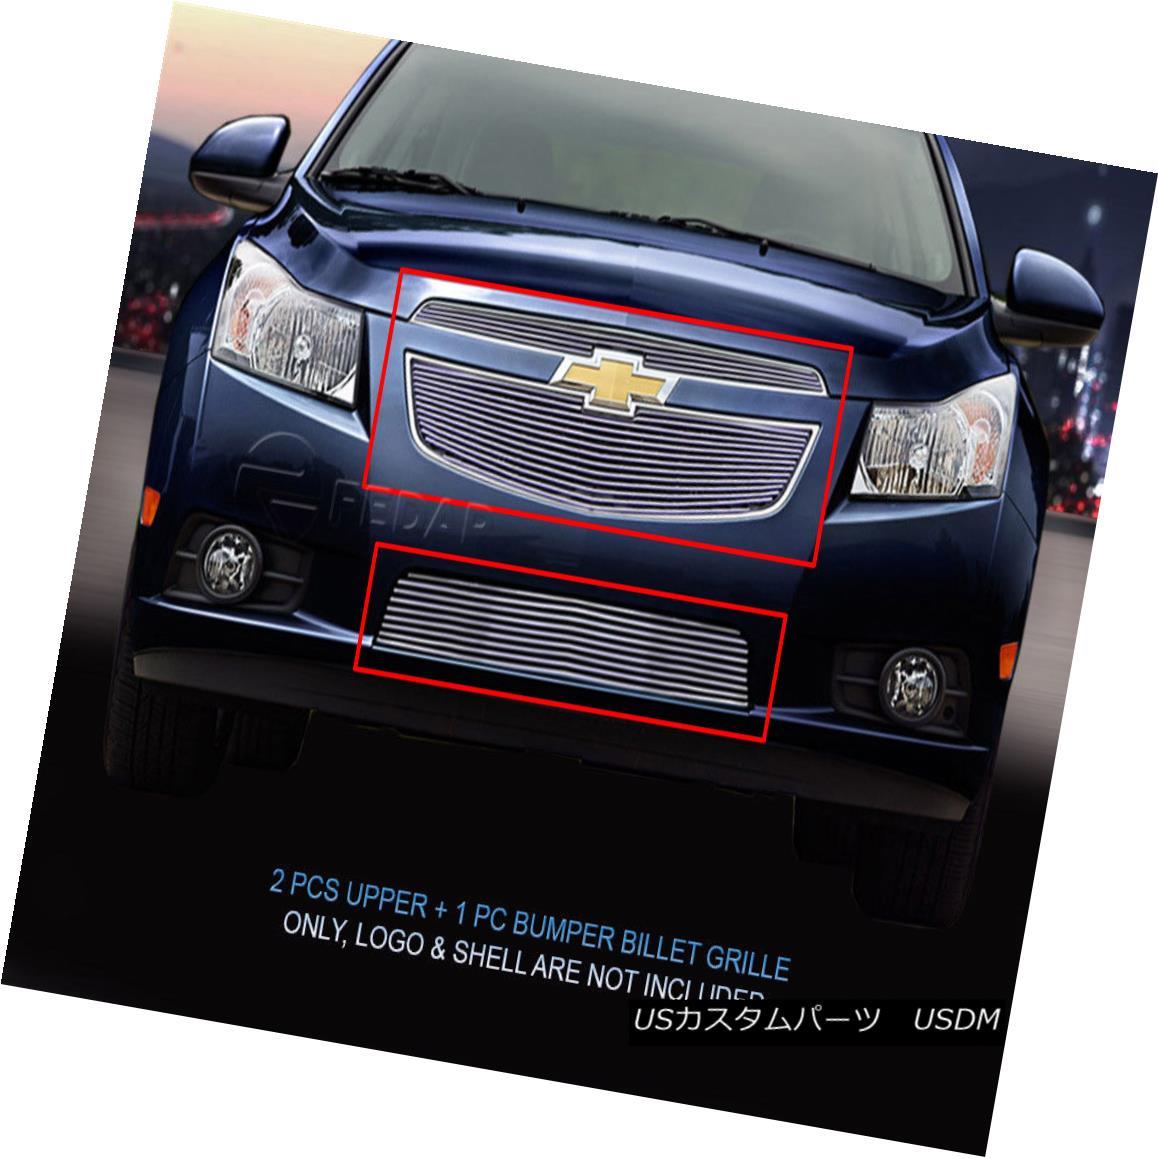 グリル 2011-2014 Chevy Cruze LT RS and LTZ RS Billet Grille Grill Combo Insert Fedar 2011-2014シボレークルーズLT RSとLTZ RSビレットグリルグリルコンボインサートFedar